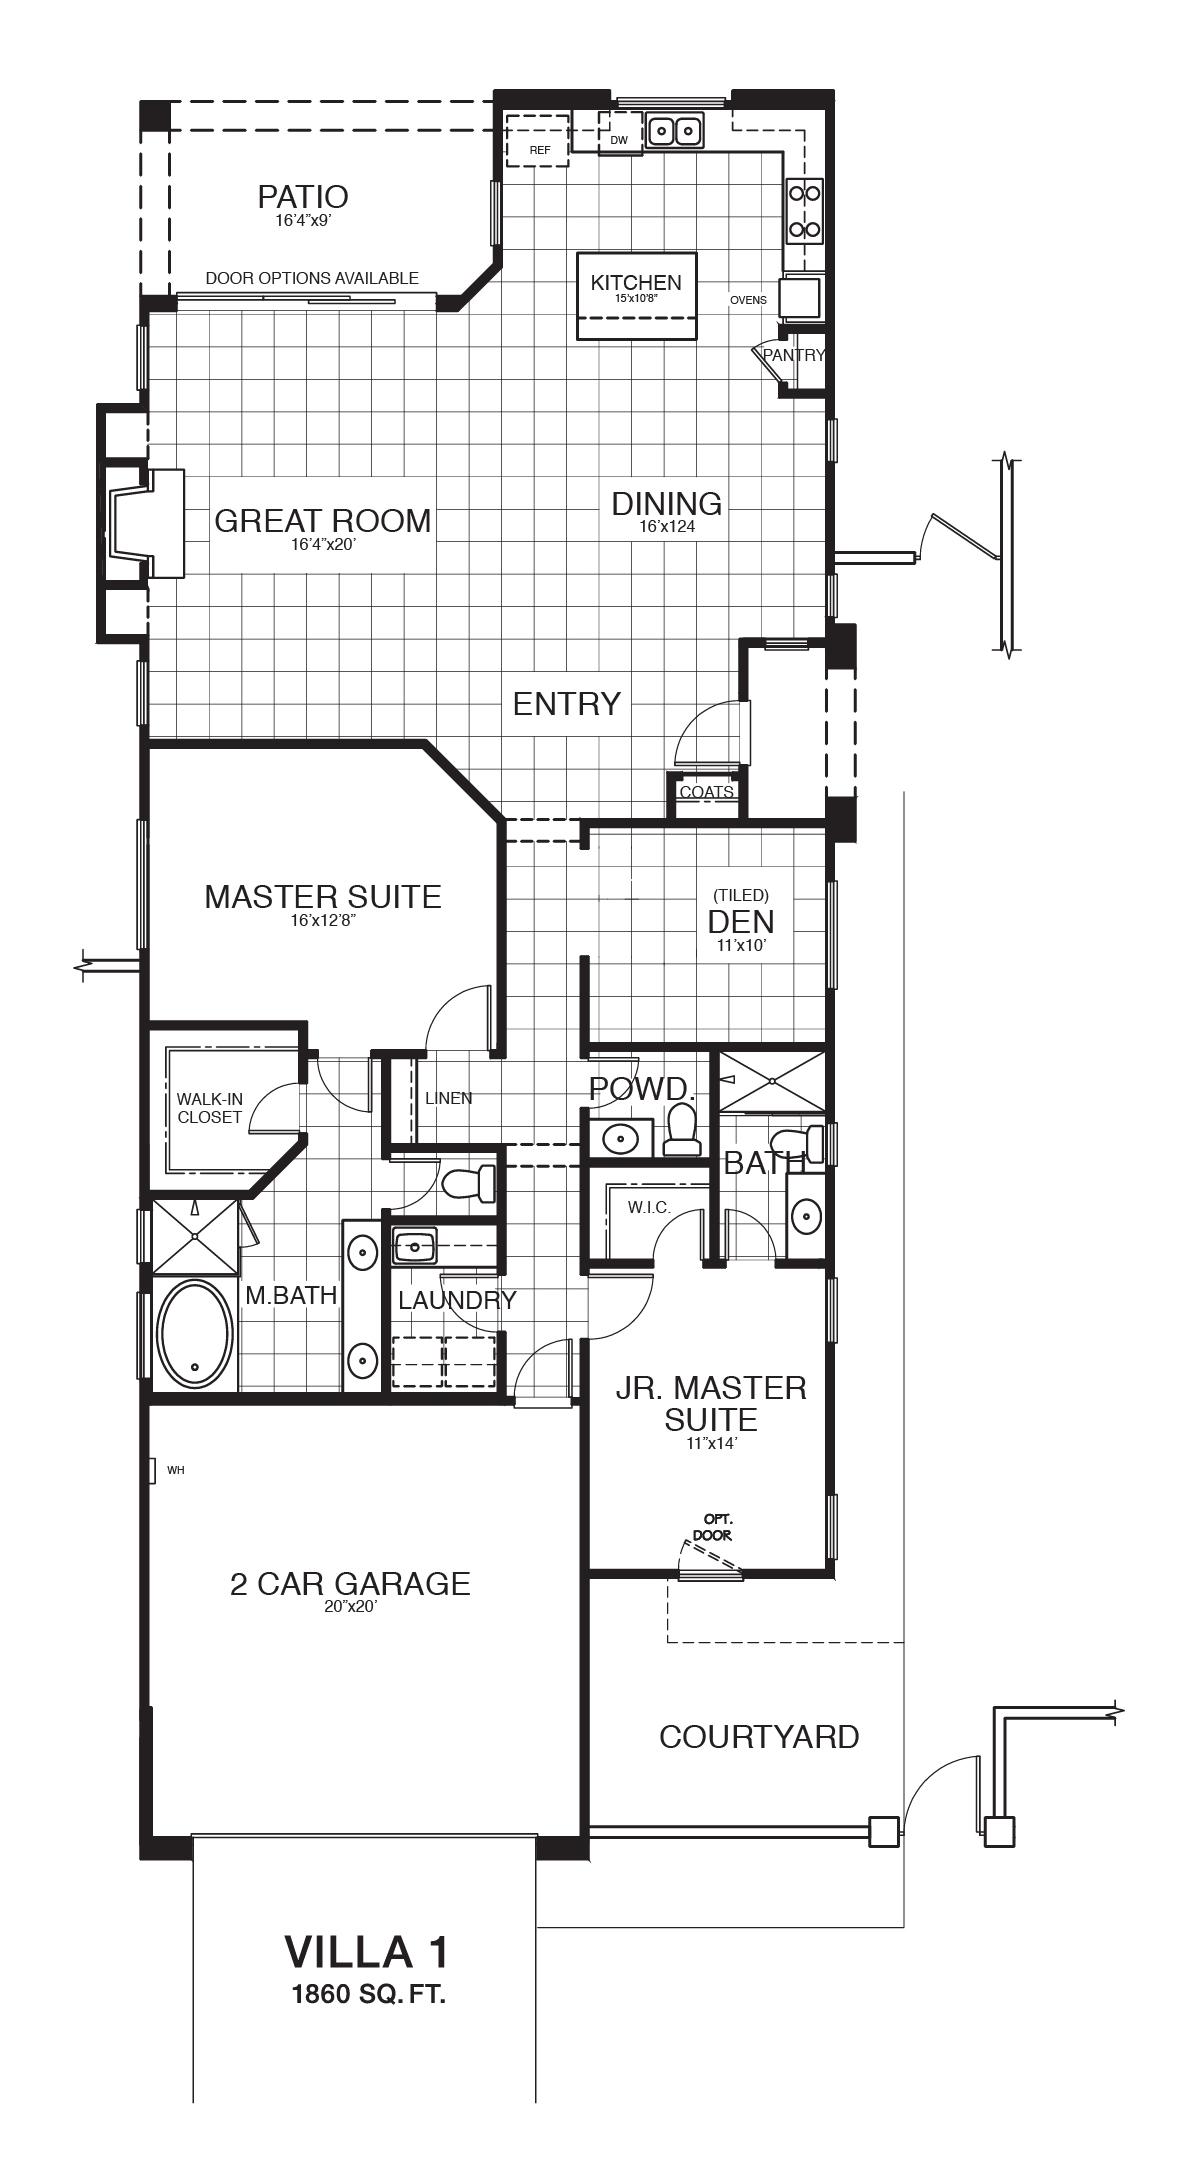 Villa 1 reverse floor plan.